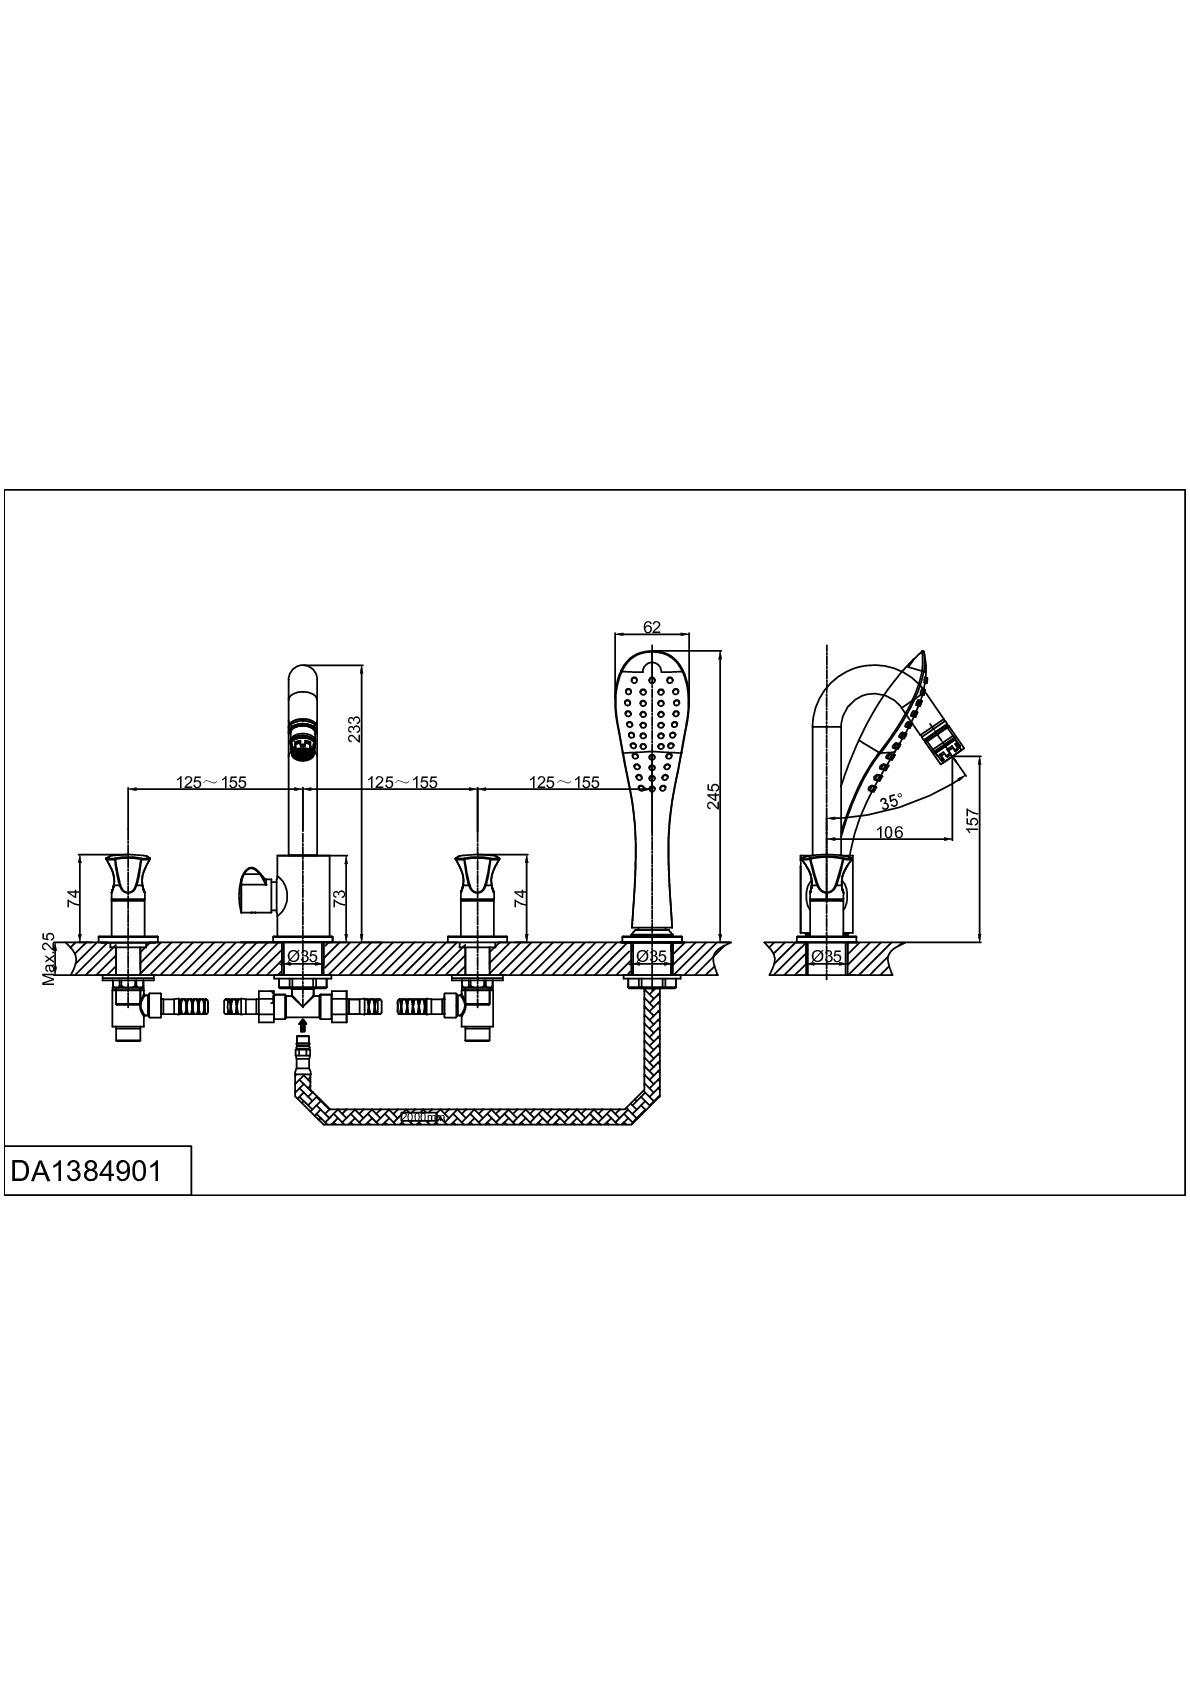 Смеситель на борт ванны D&K Hessen.Grimm DA1384901 врезной хром